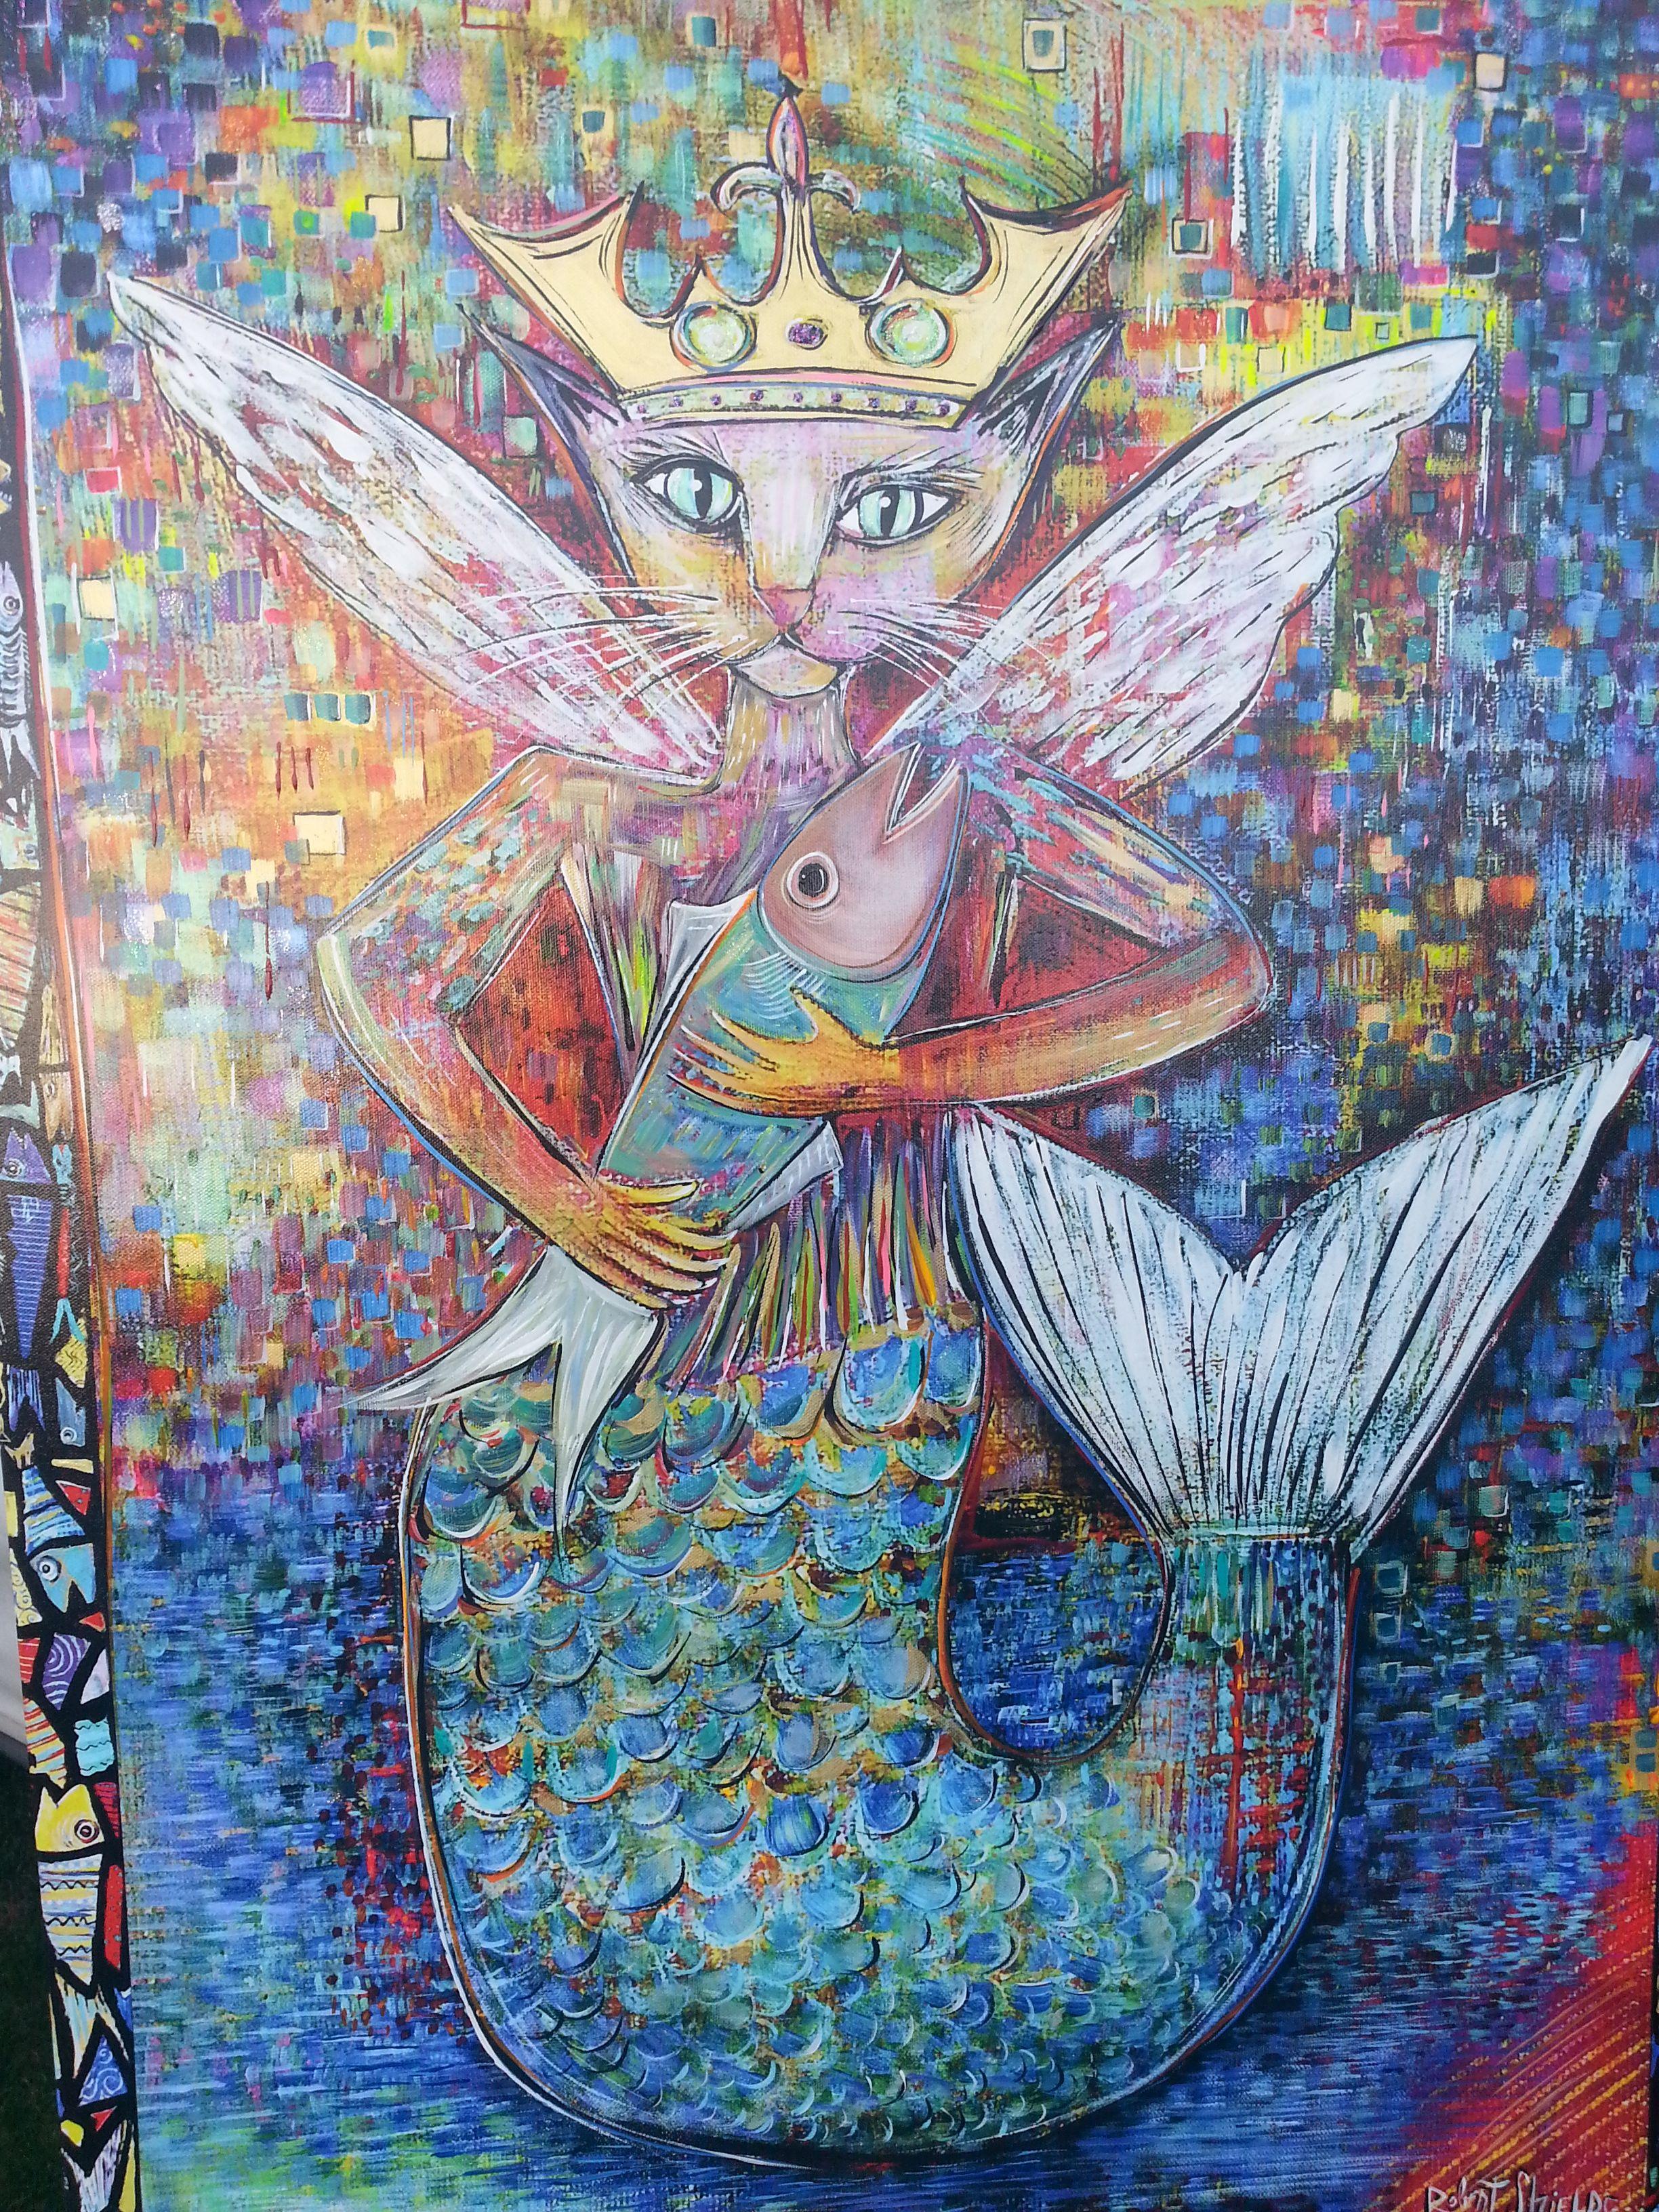 Robert Shields Art